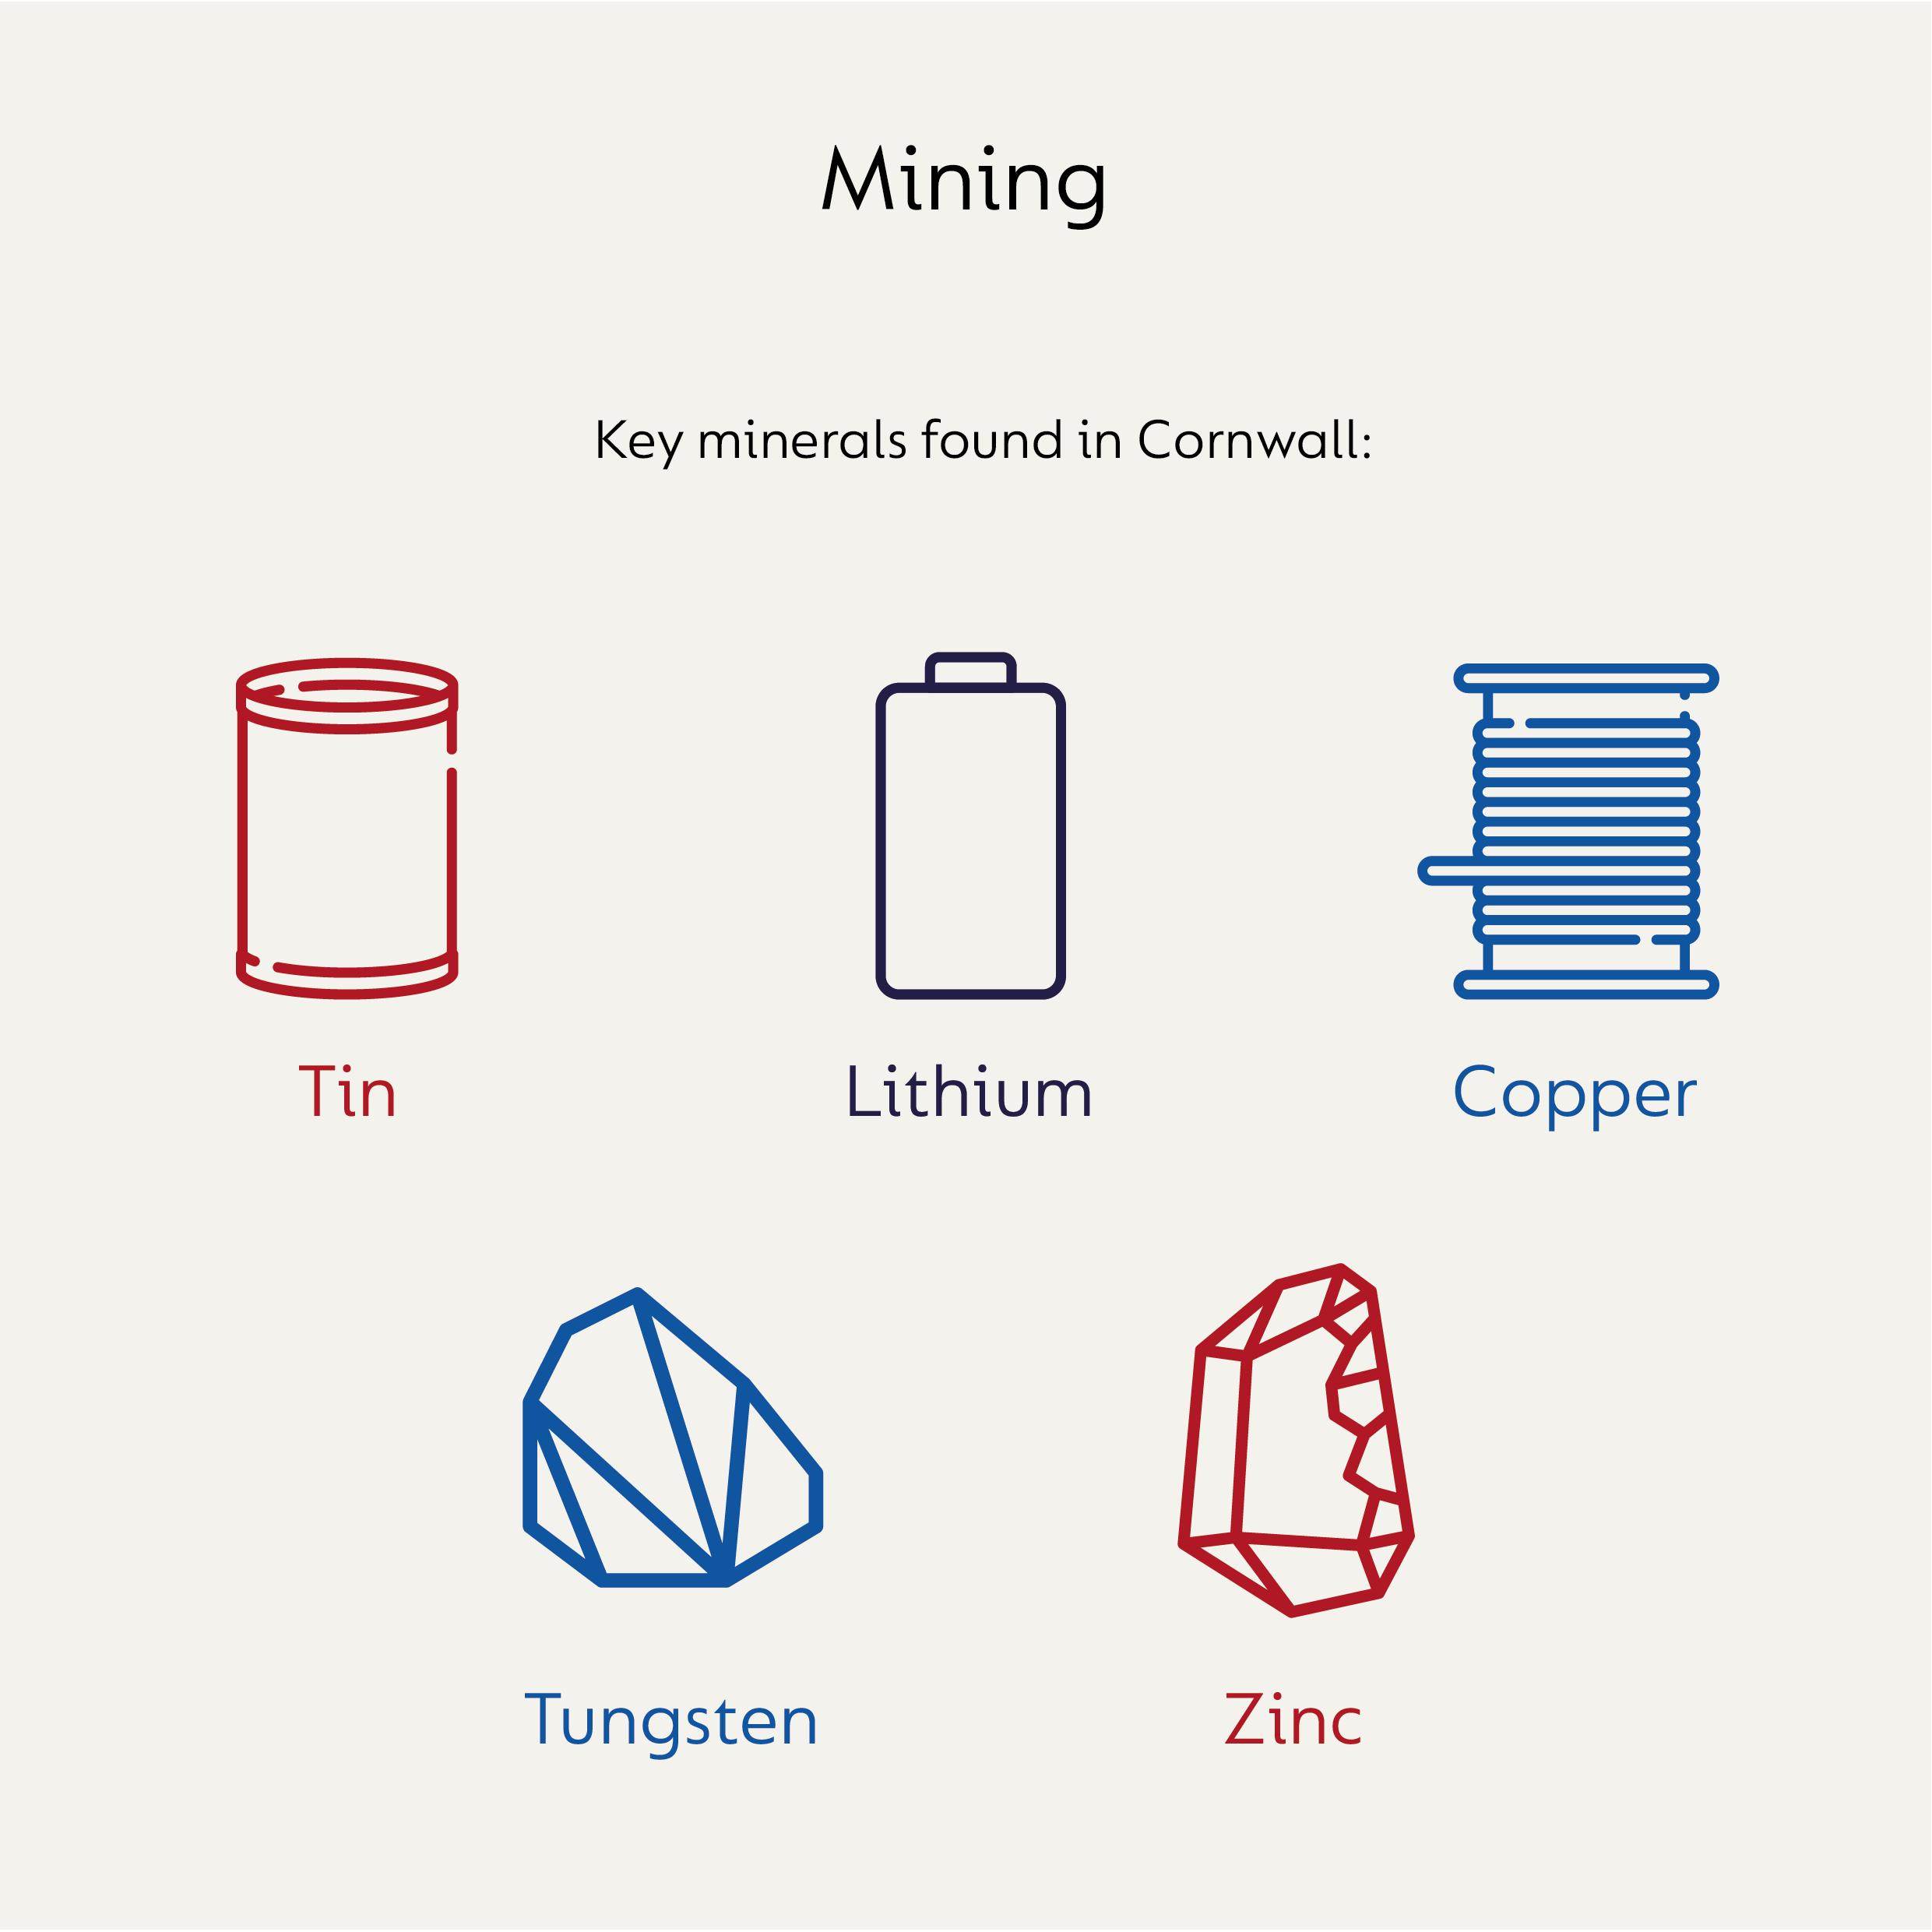 Minerals found in Cornwall